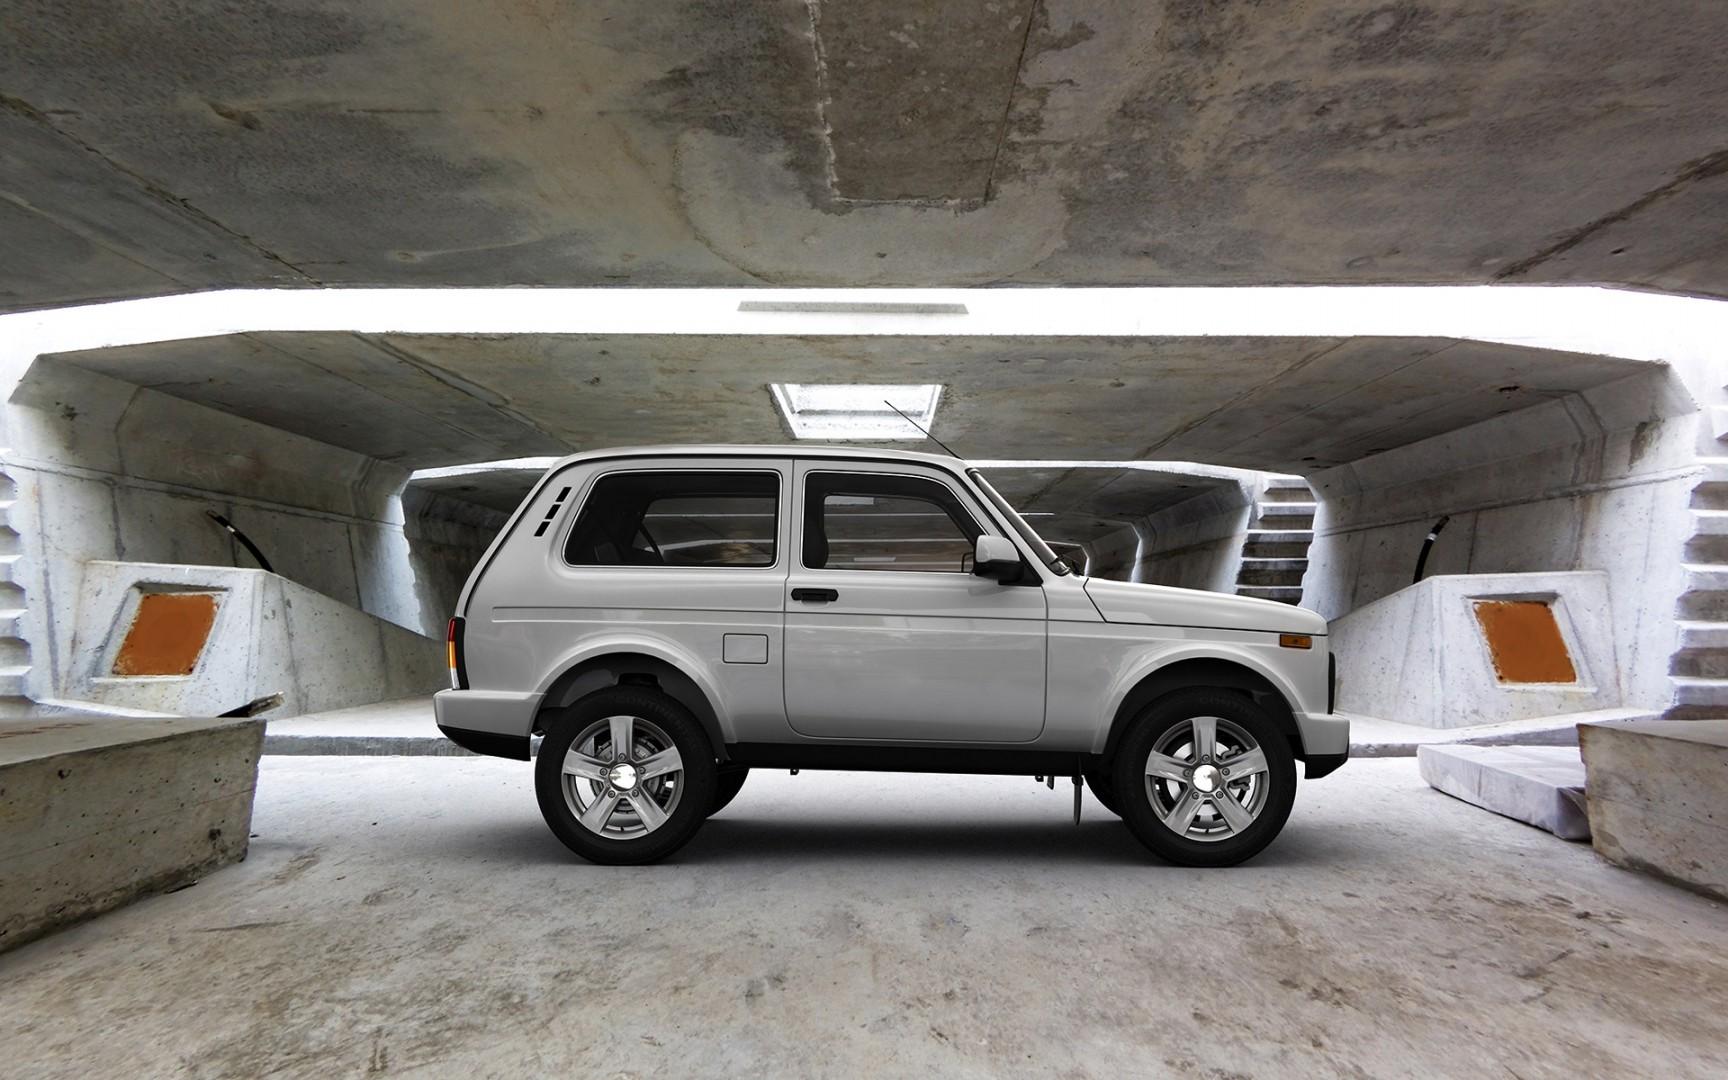 Lada 4x4 оказался самым популярным внедорожником навторичном рынке в России